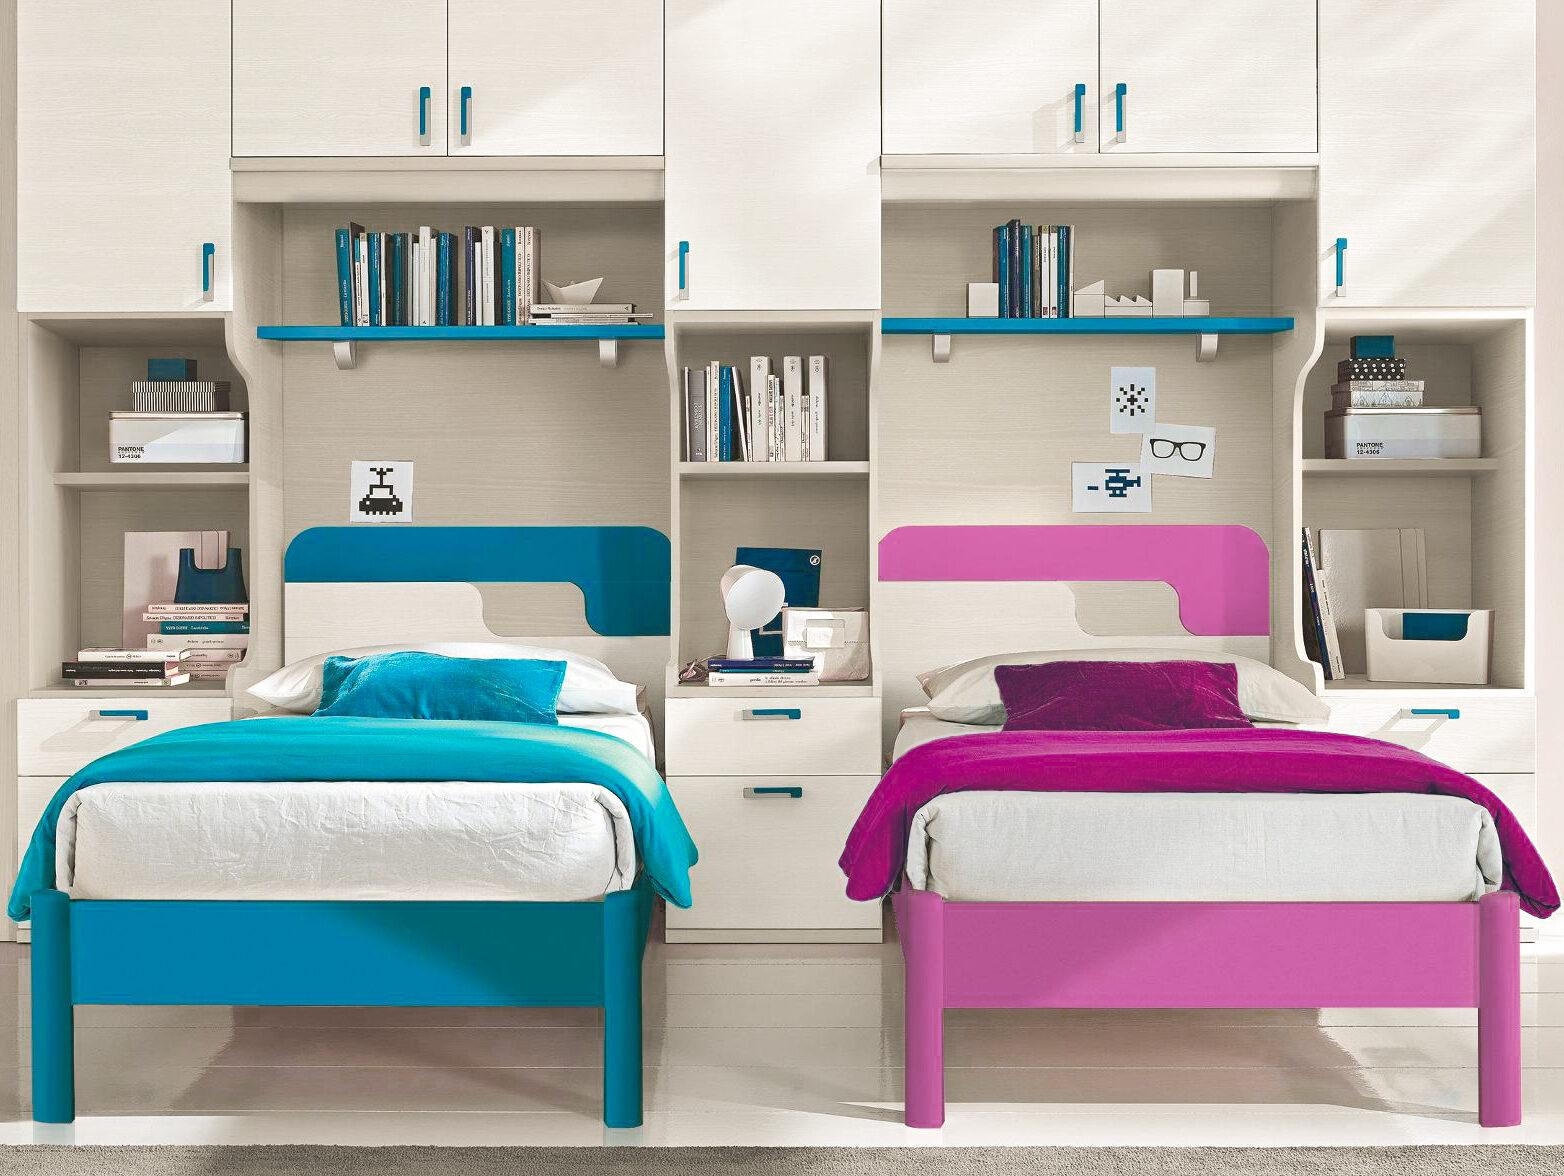 Progettare una camera con tre letti per i propri figli significa utilizzare lo spazio nel miglior modo possibile dando spazio uguale per. Camerette Per Maschi E Femmine Arredare La Stanzetta Condivisa